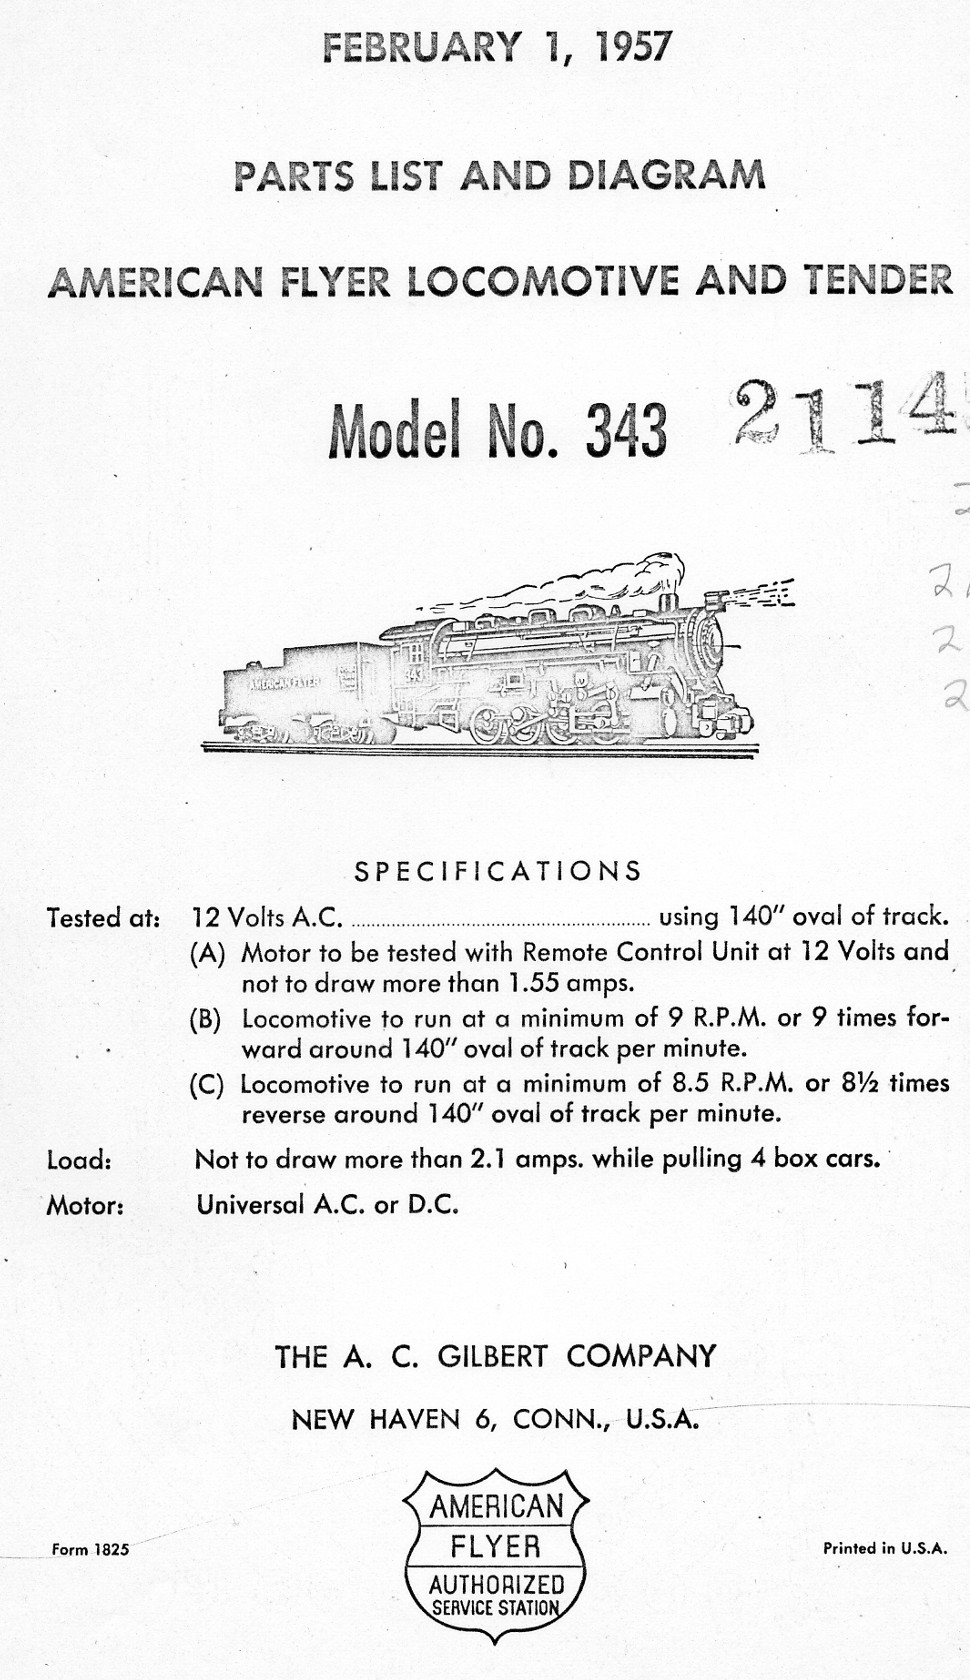 American Flyer Locomotive & Tender 343 Parts List & Diagram - Page 1